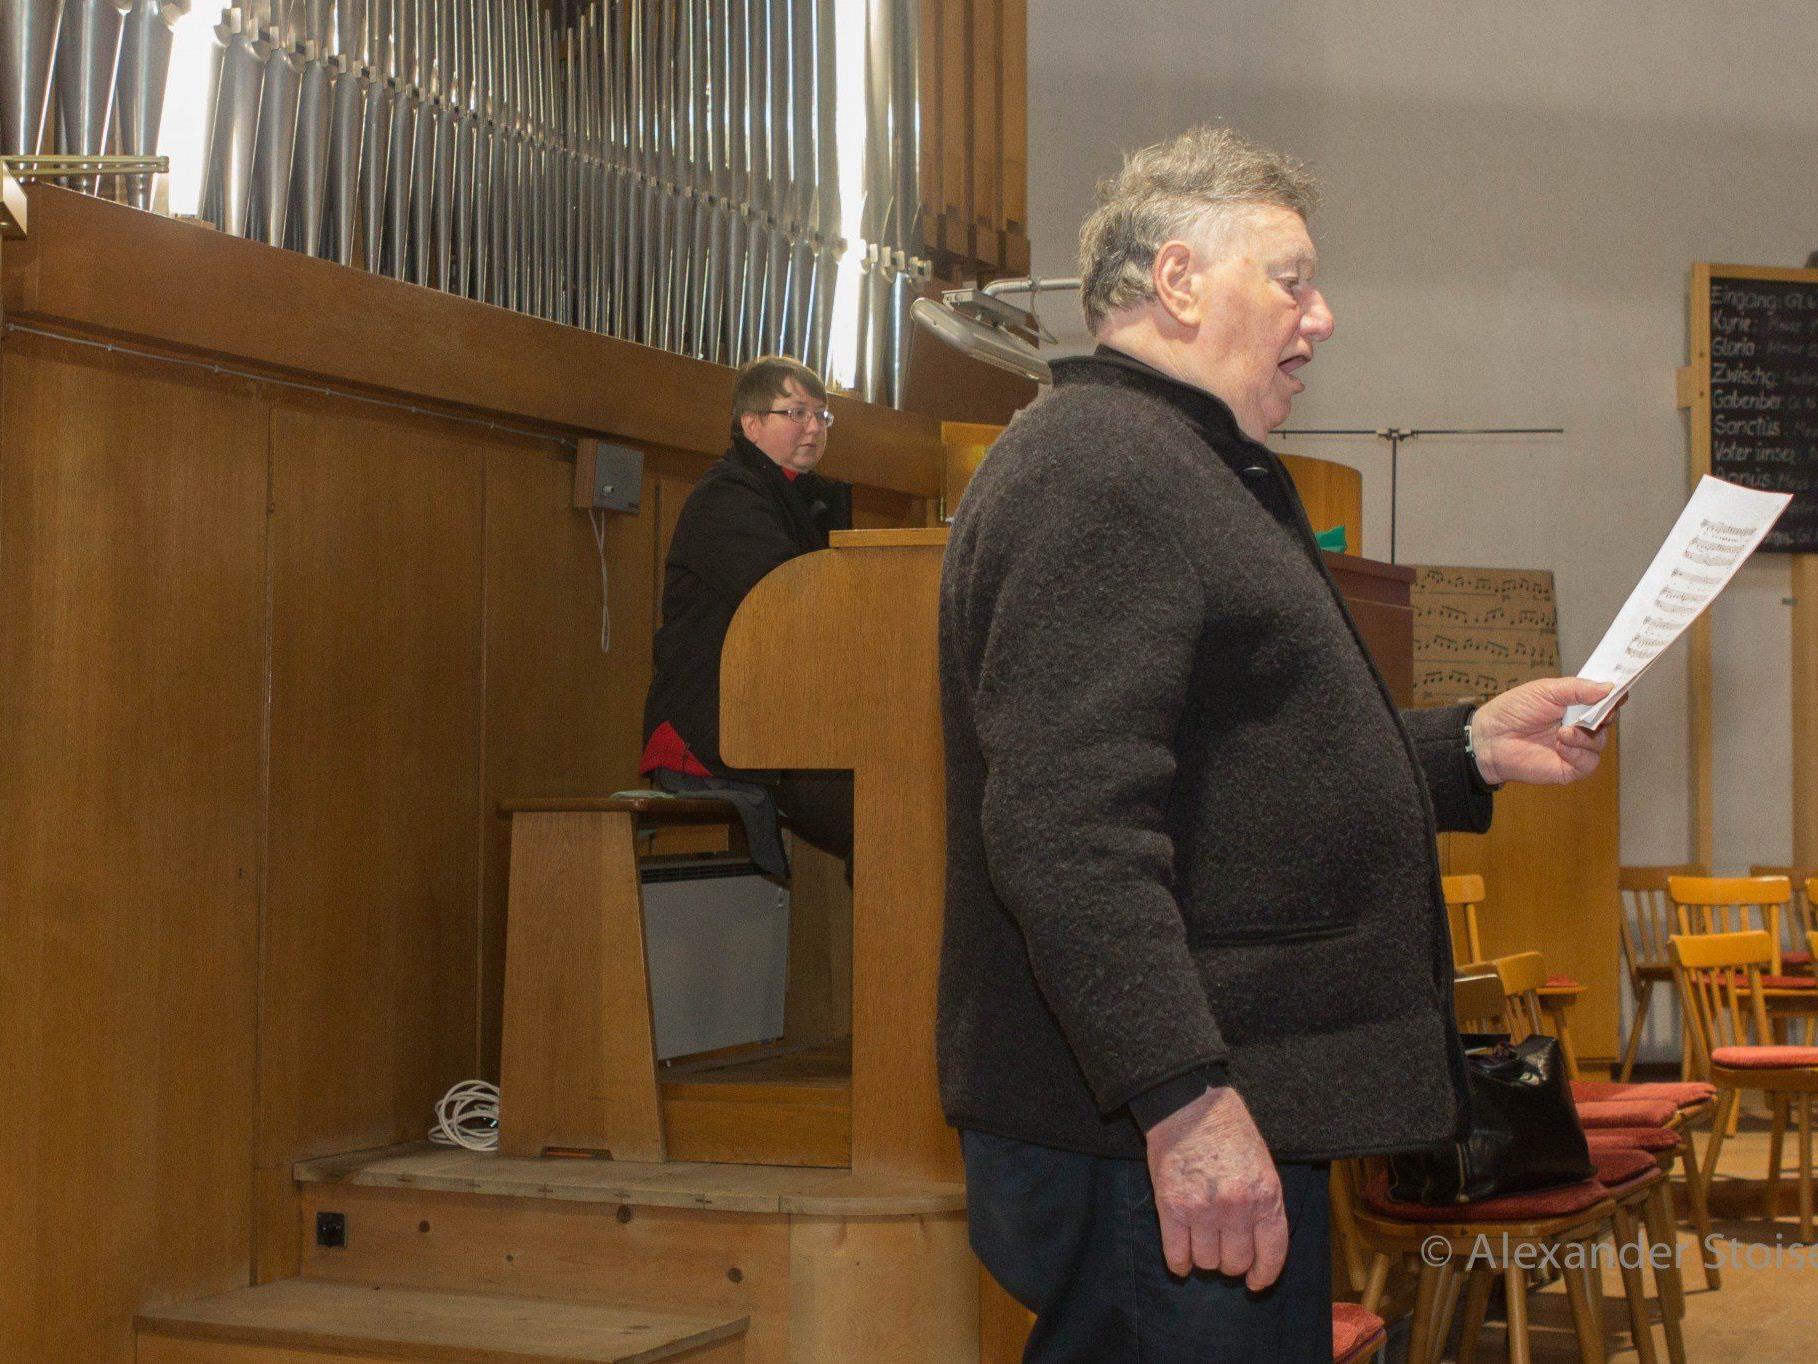 Martina Hummer an der Orgel und Bariton Rudolf Gabriel gestalteten die Muttertagsmesse in der Pfarrkirche Vandans musikalisch.